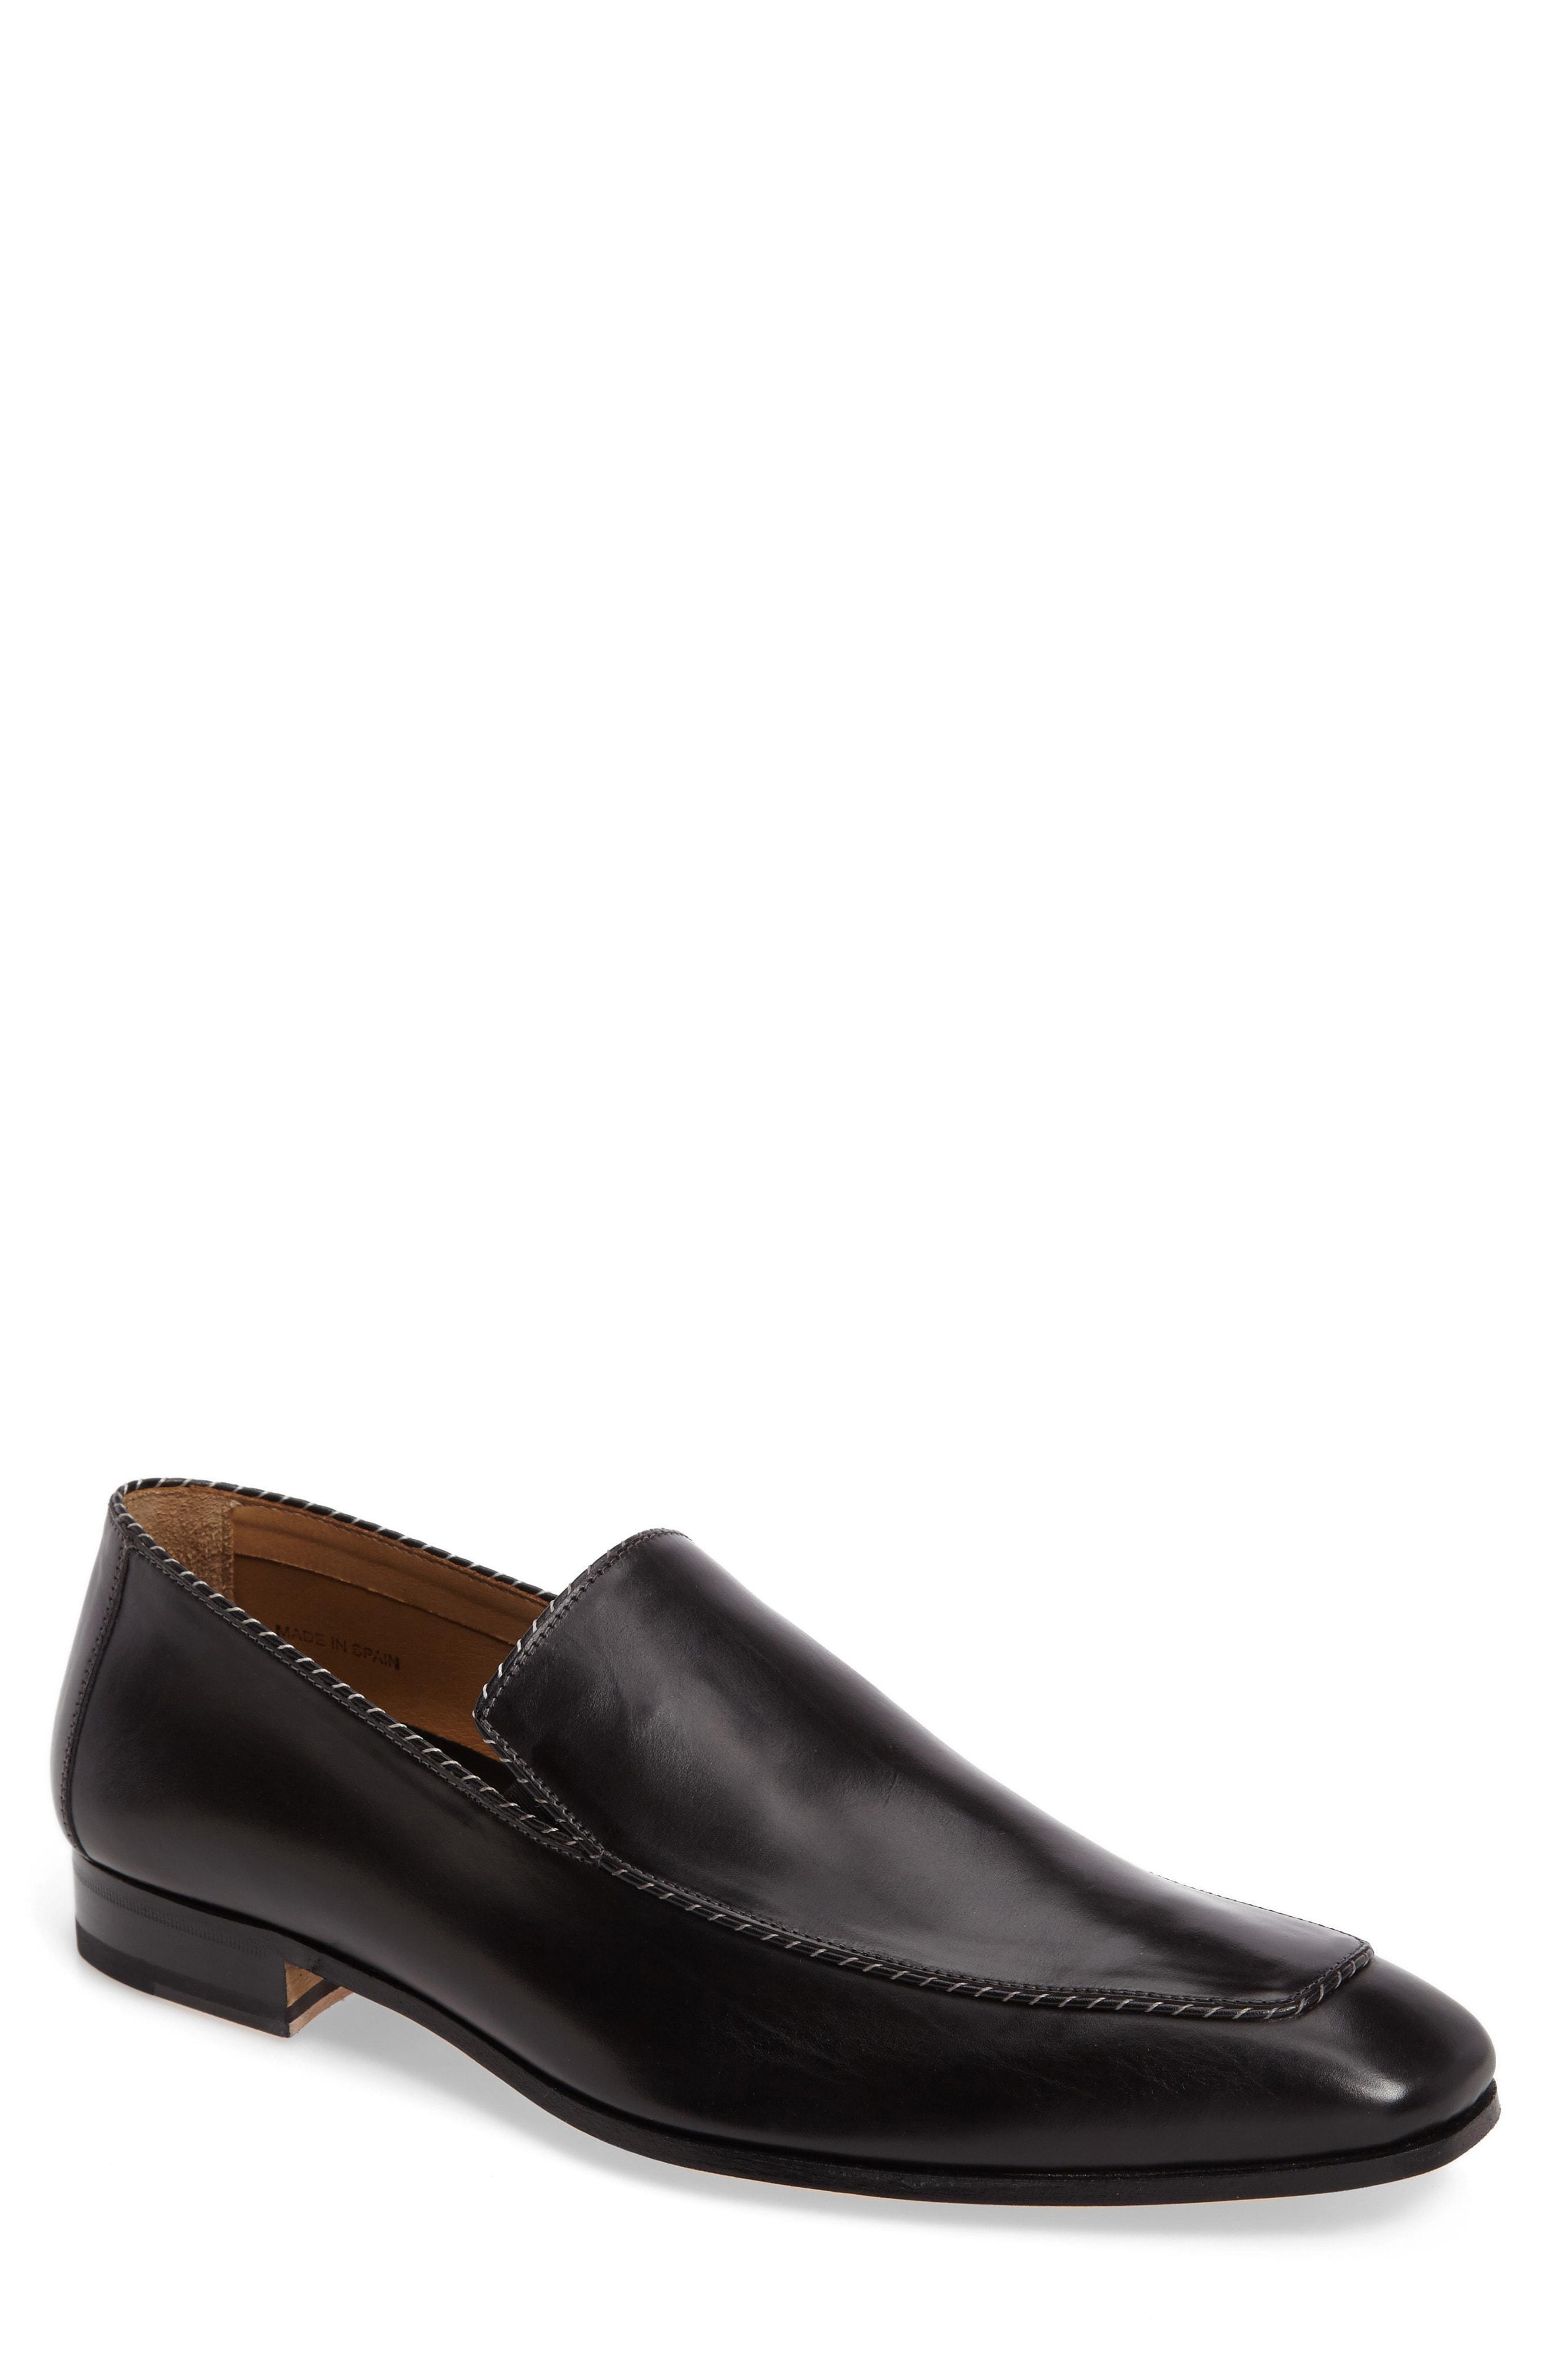 093191f5817 Lyst - Mezlan Brandt Venetian Loafer in Black for Men